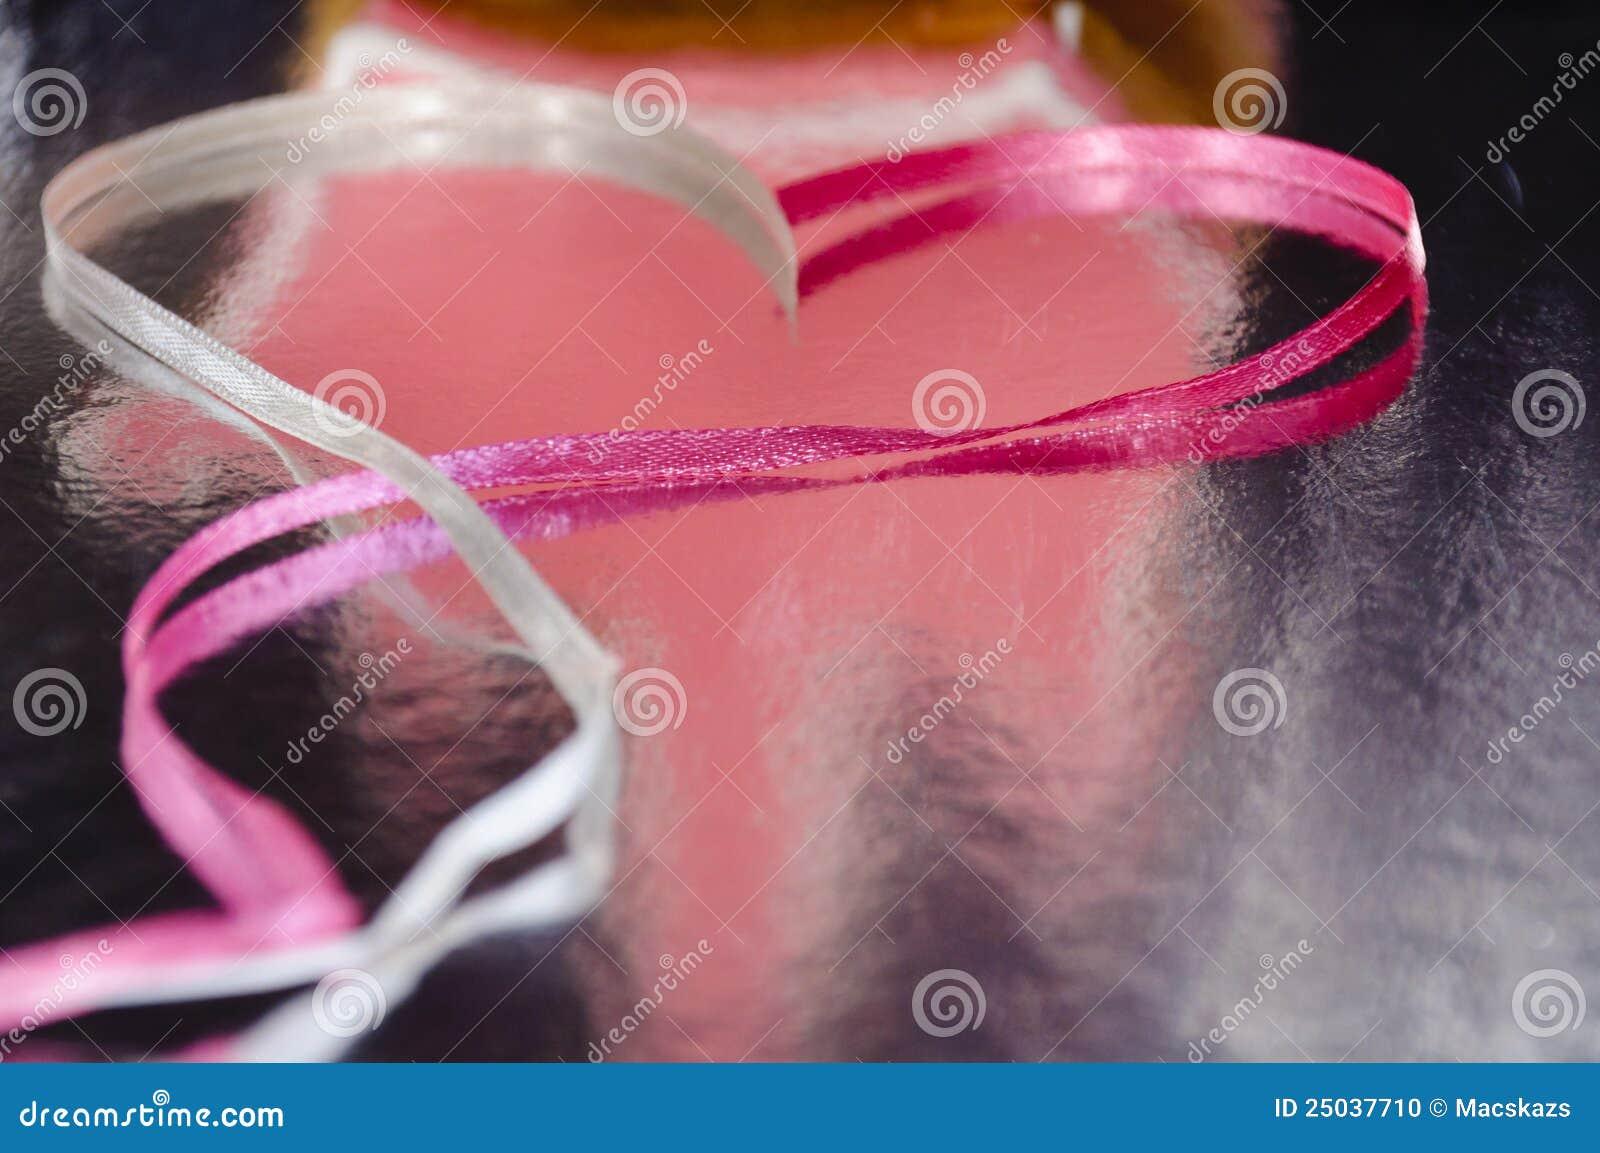 Jag älskar pink